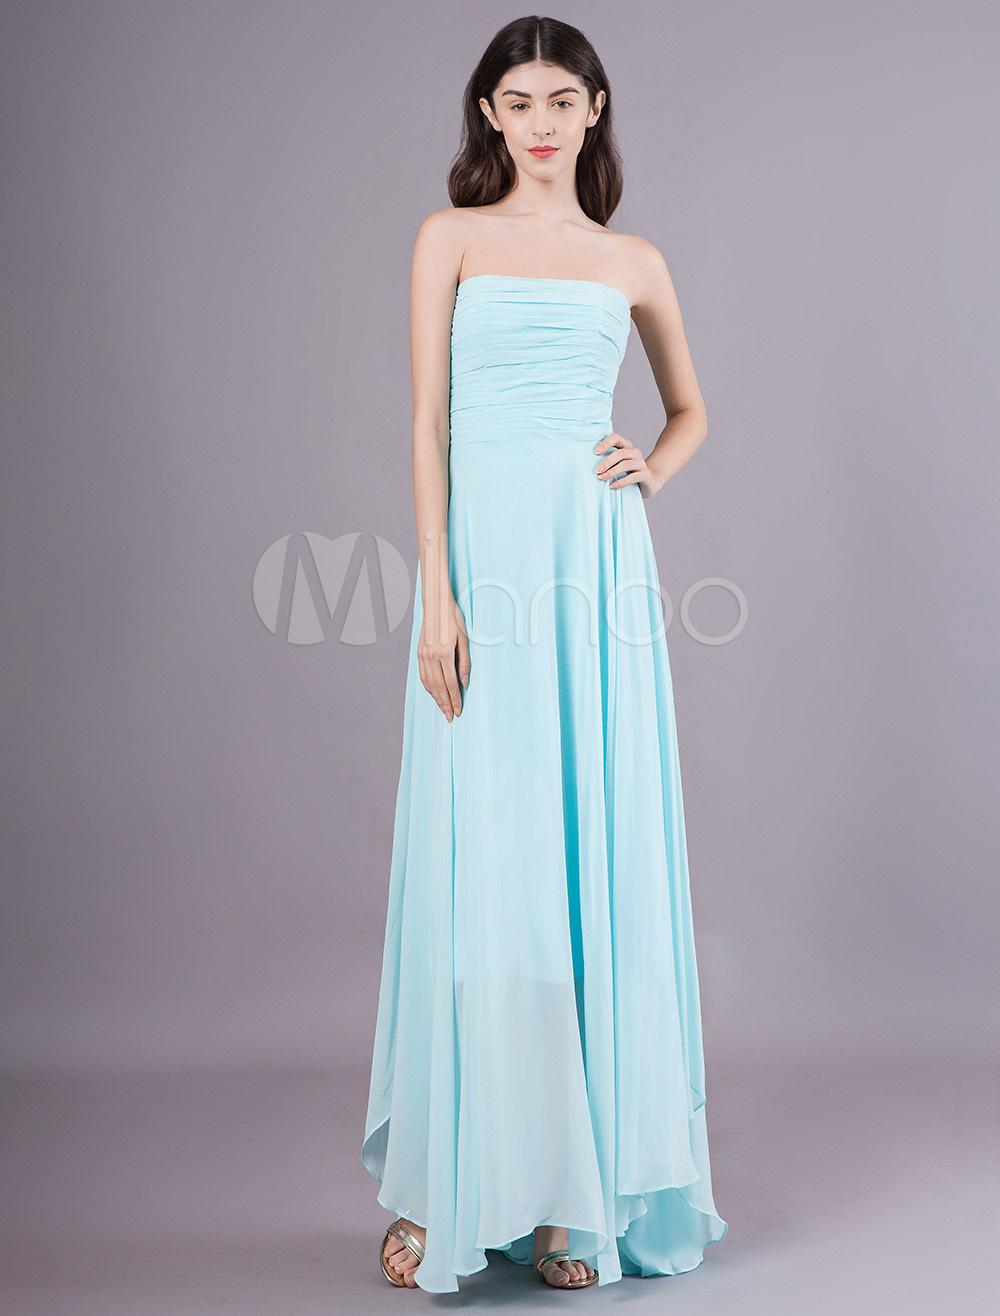 Vestidos De Dama De Honra Longo Chiffon Vestido De Festa De Casamento Sem Alças Assimétrico Vestido De Baile